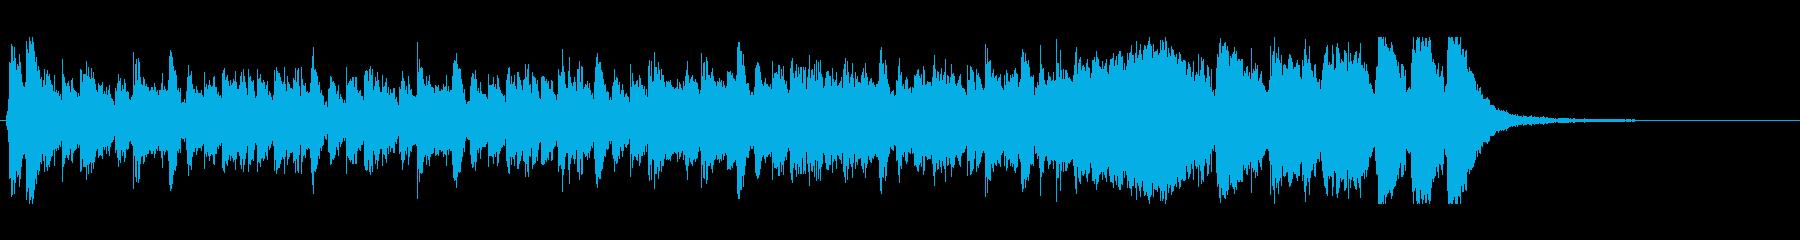 ハリウッド系アイキャッチ03の再生済みの波形